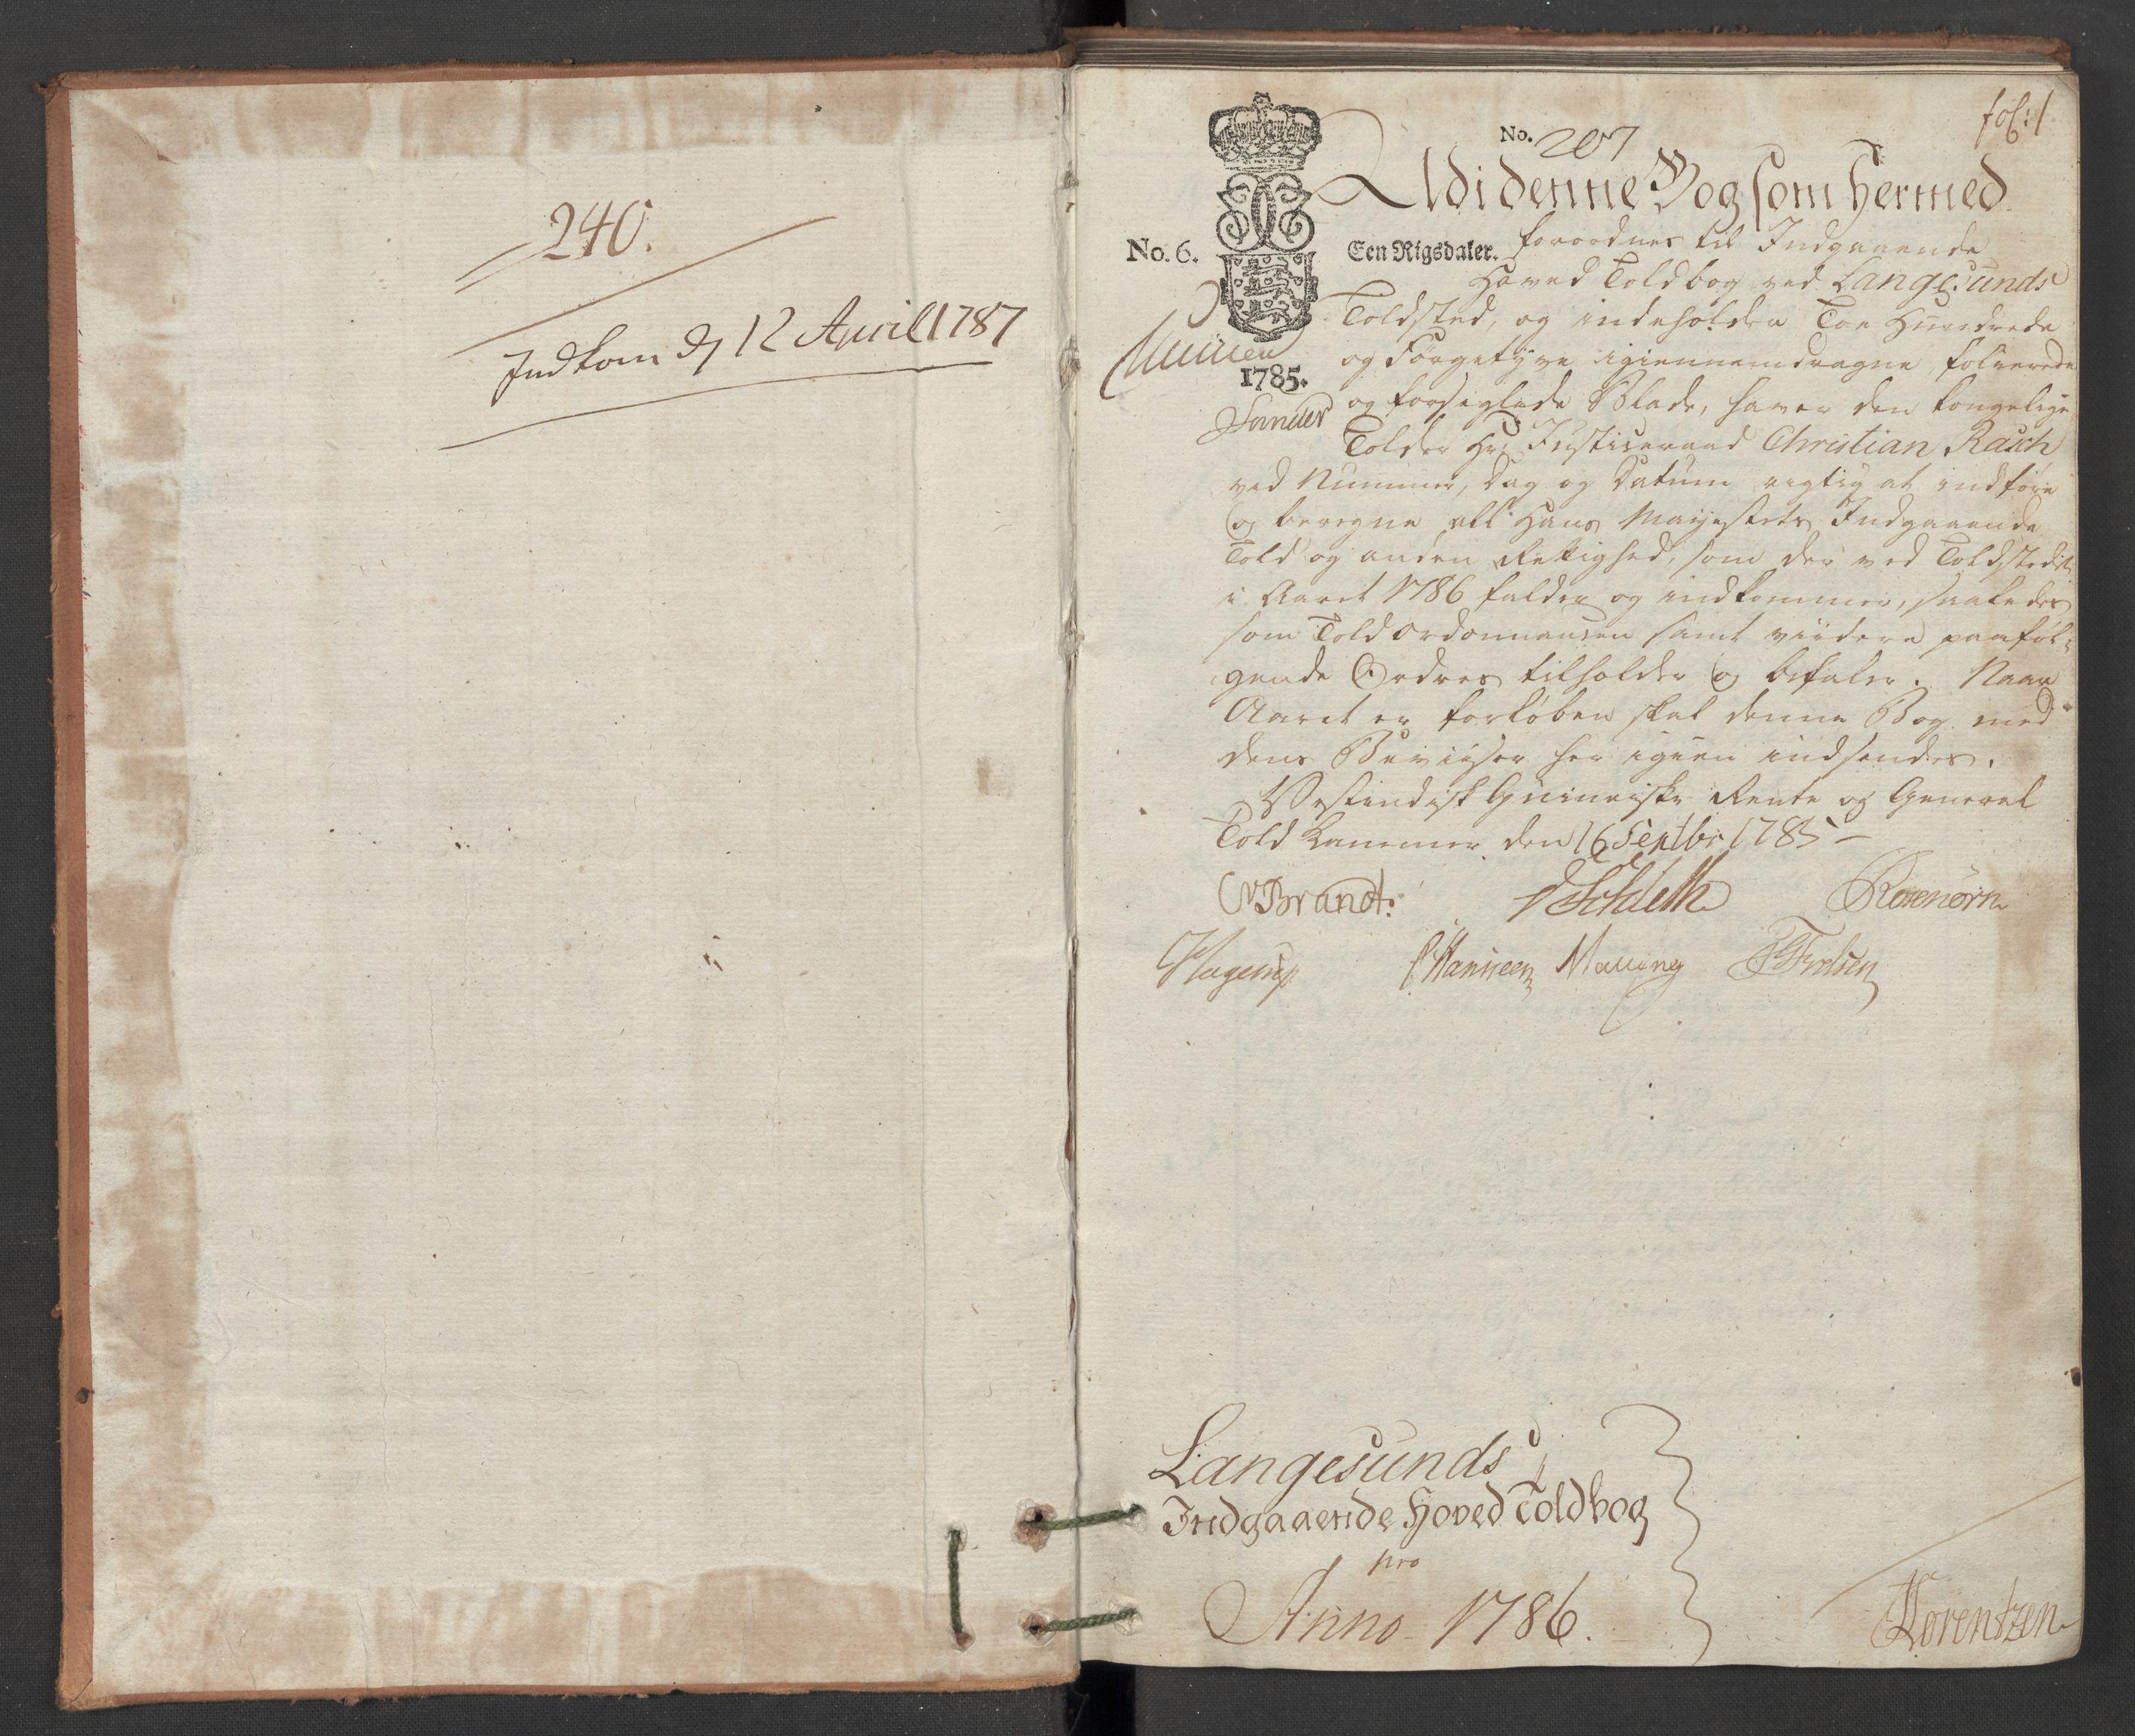 RA, Generaltollkammeret, tollregnskaper, R12/L0118: Tollregnskaper Langesund, 1786, s. 1a